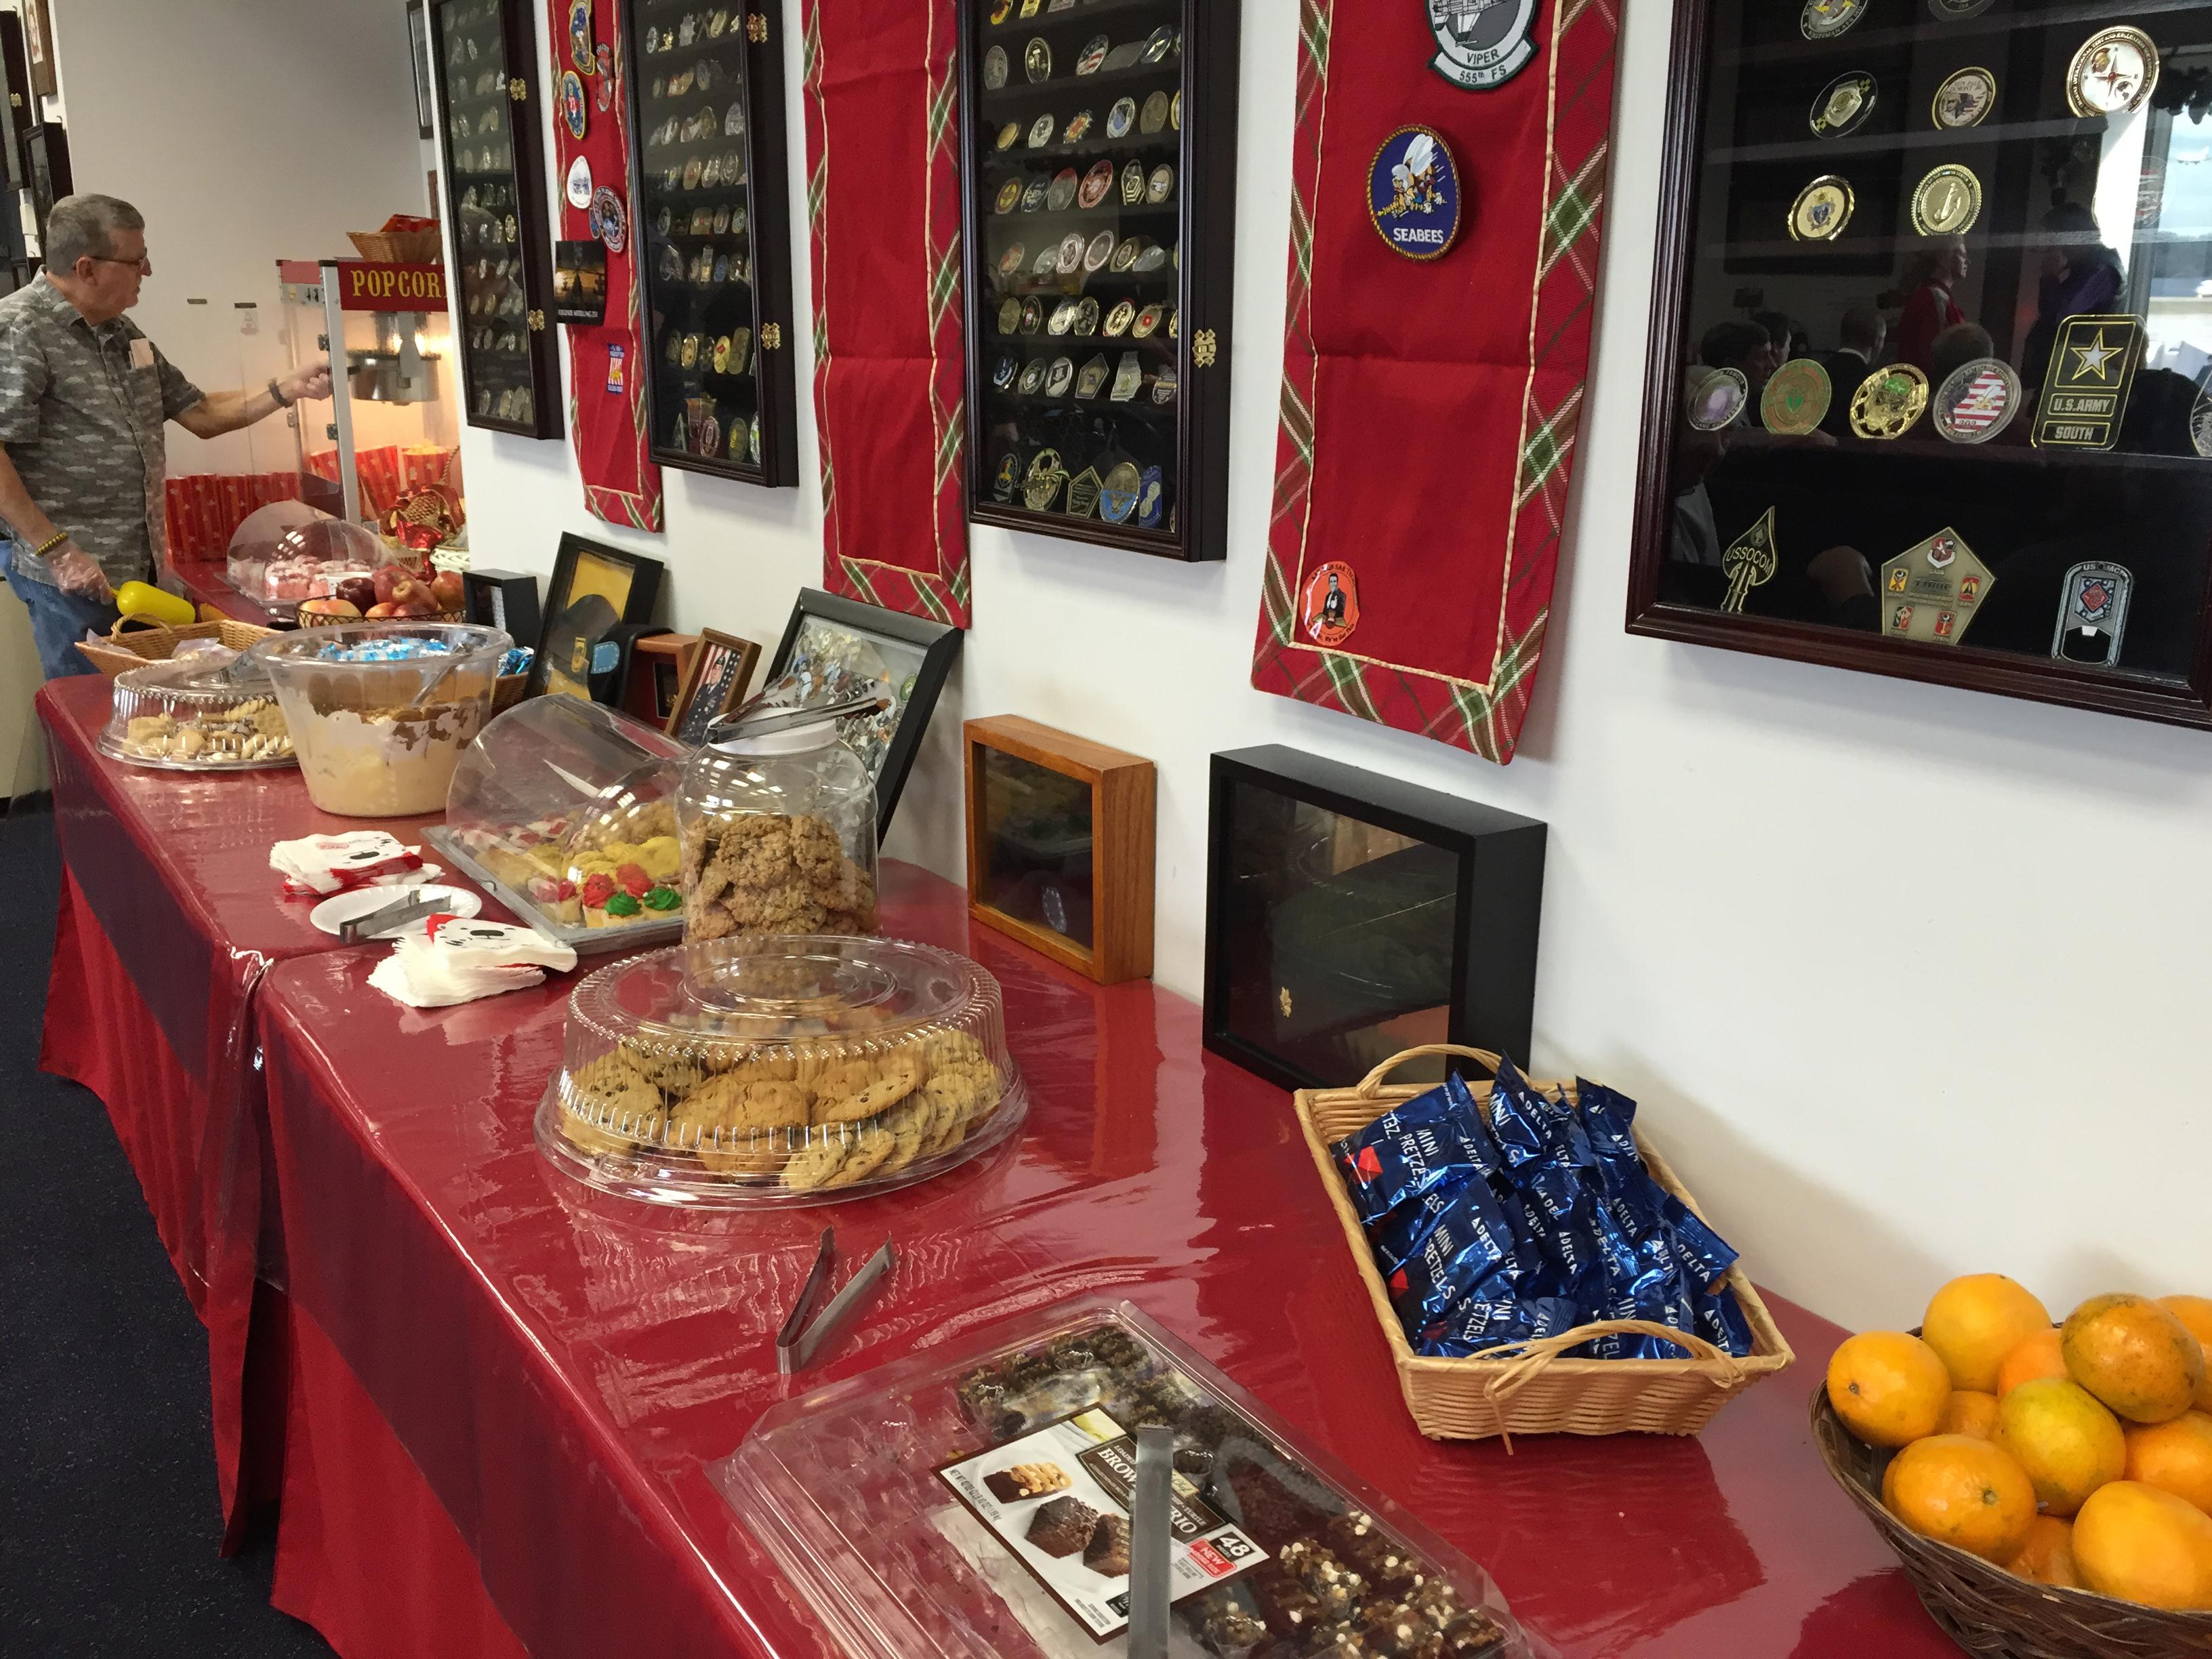 Free Food For Veterans In Atlanta